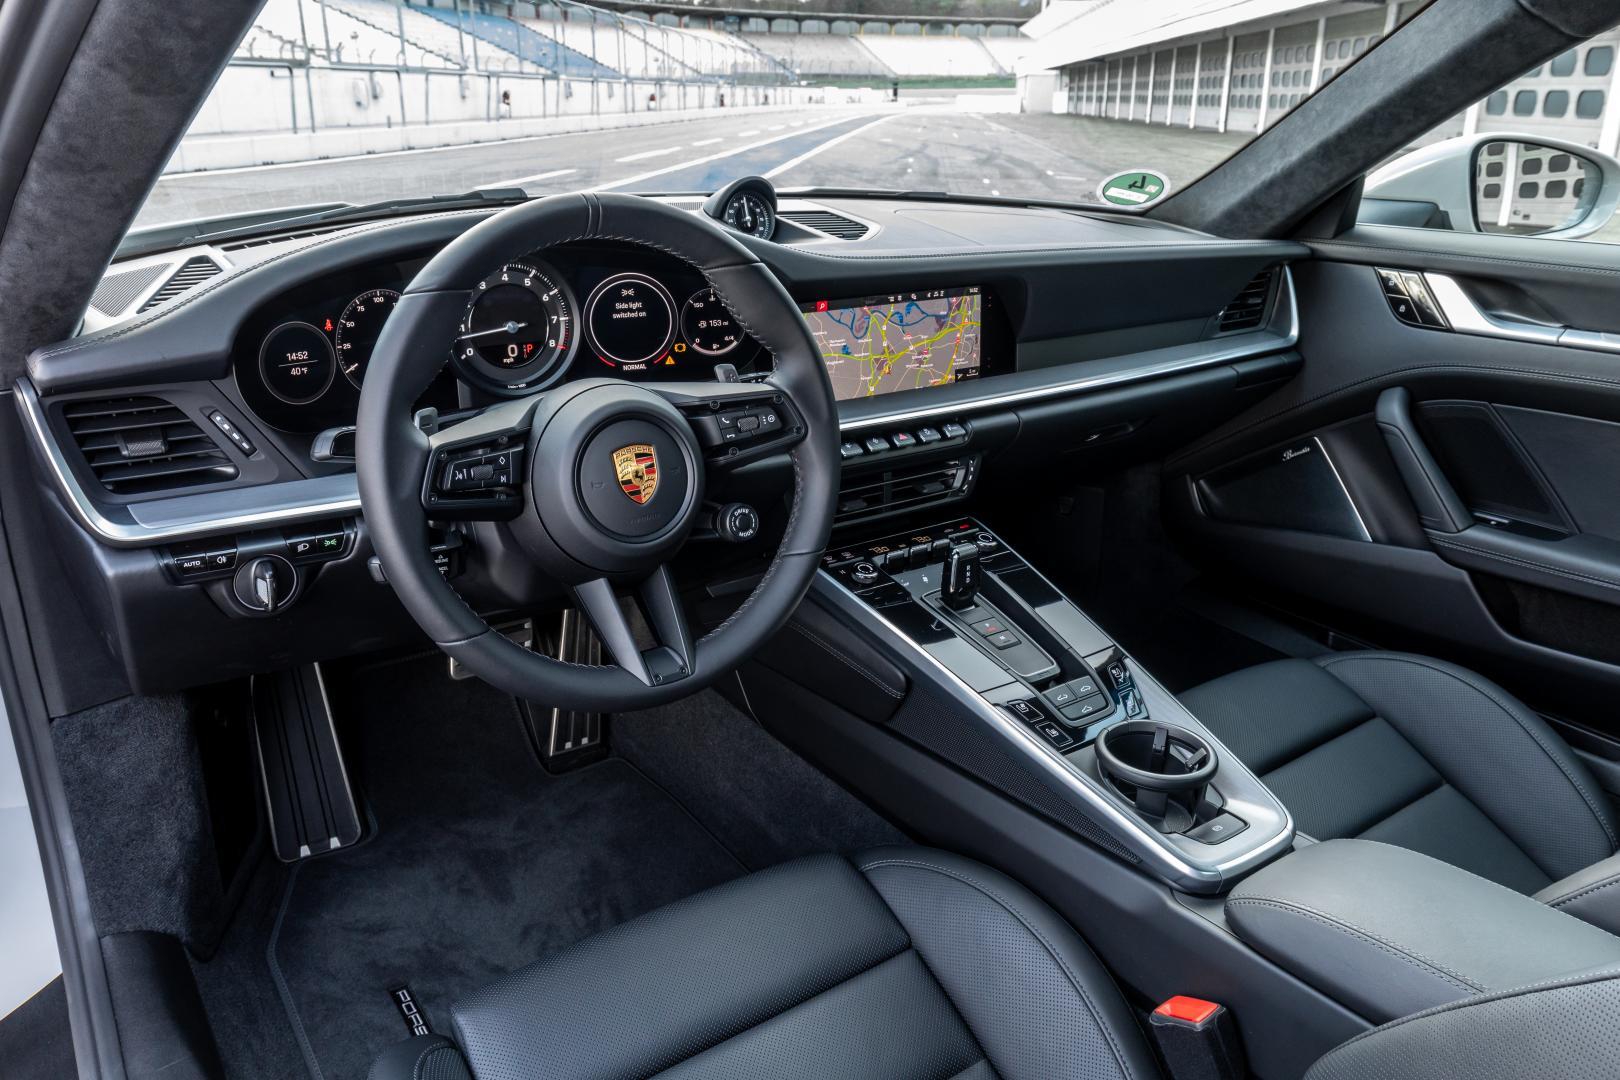 Porsche 911 992 interieur op Hockenheimring